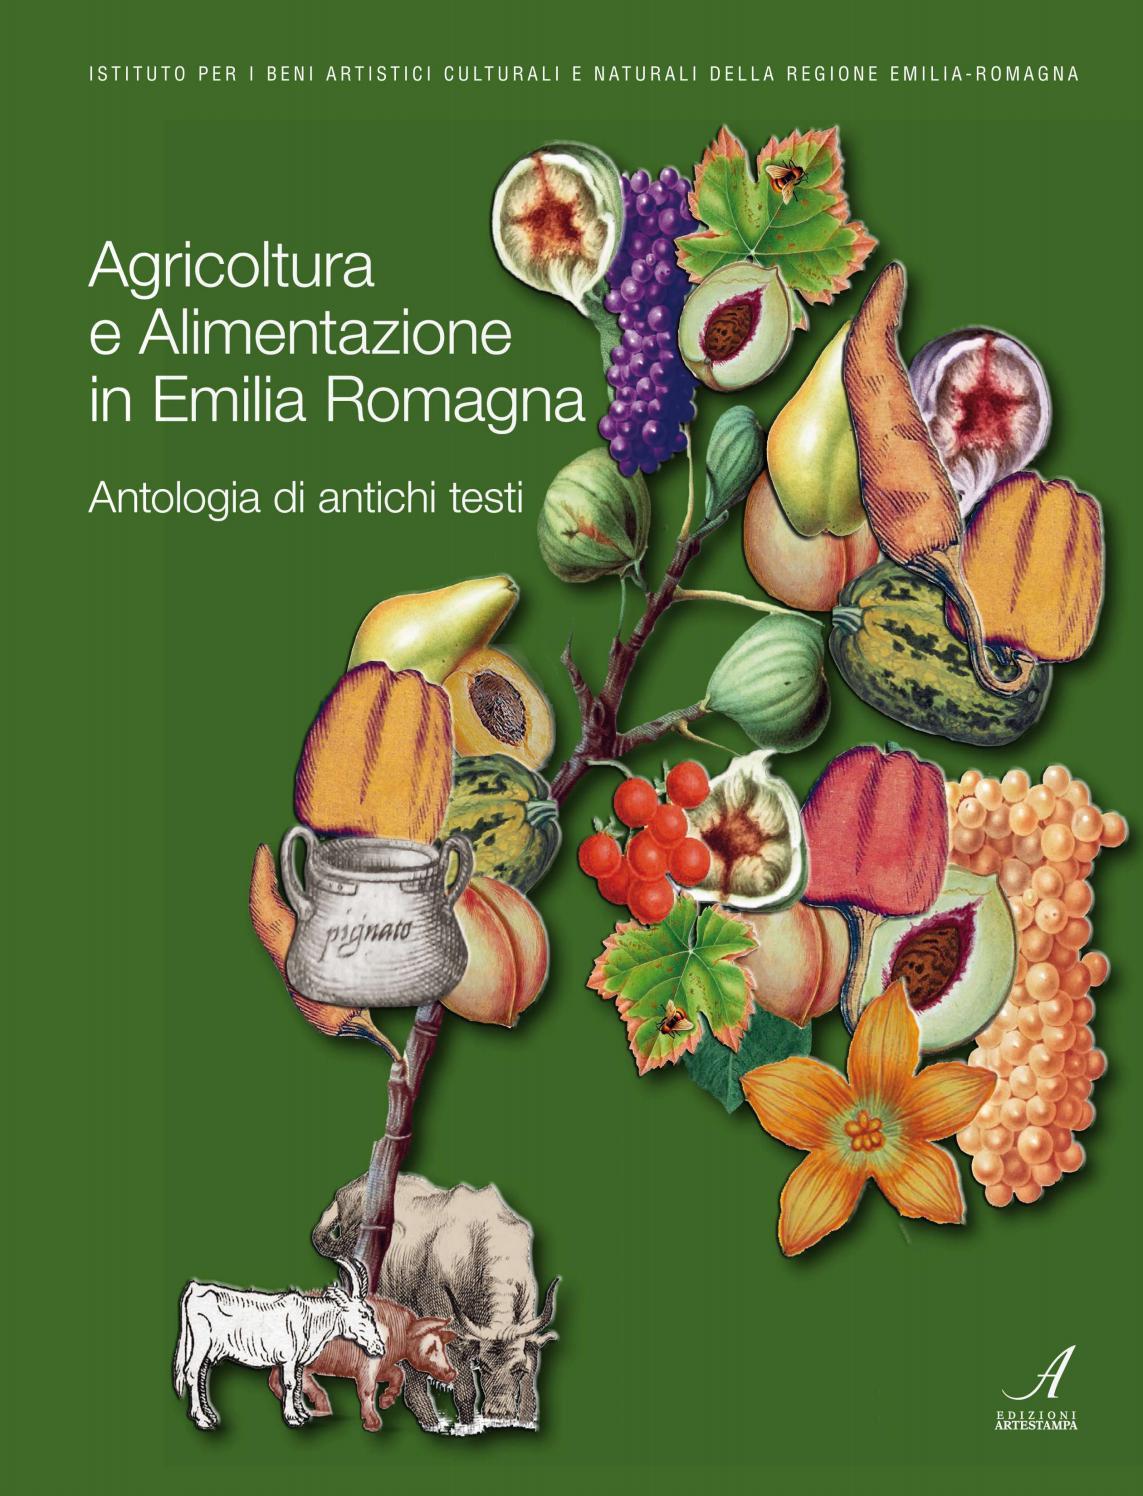 Agricoltura e alimentazione in emilia romagna by istitutobeniculturali -  issuu 5df4cf92a5a7